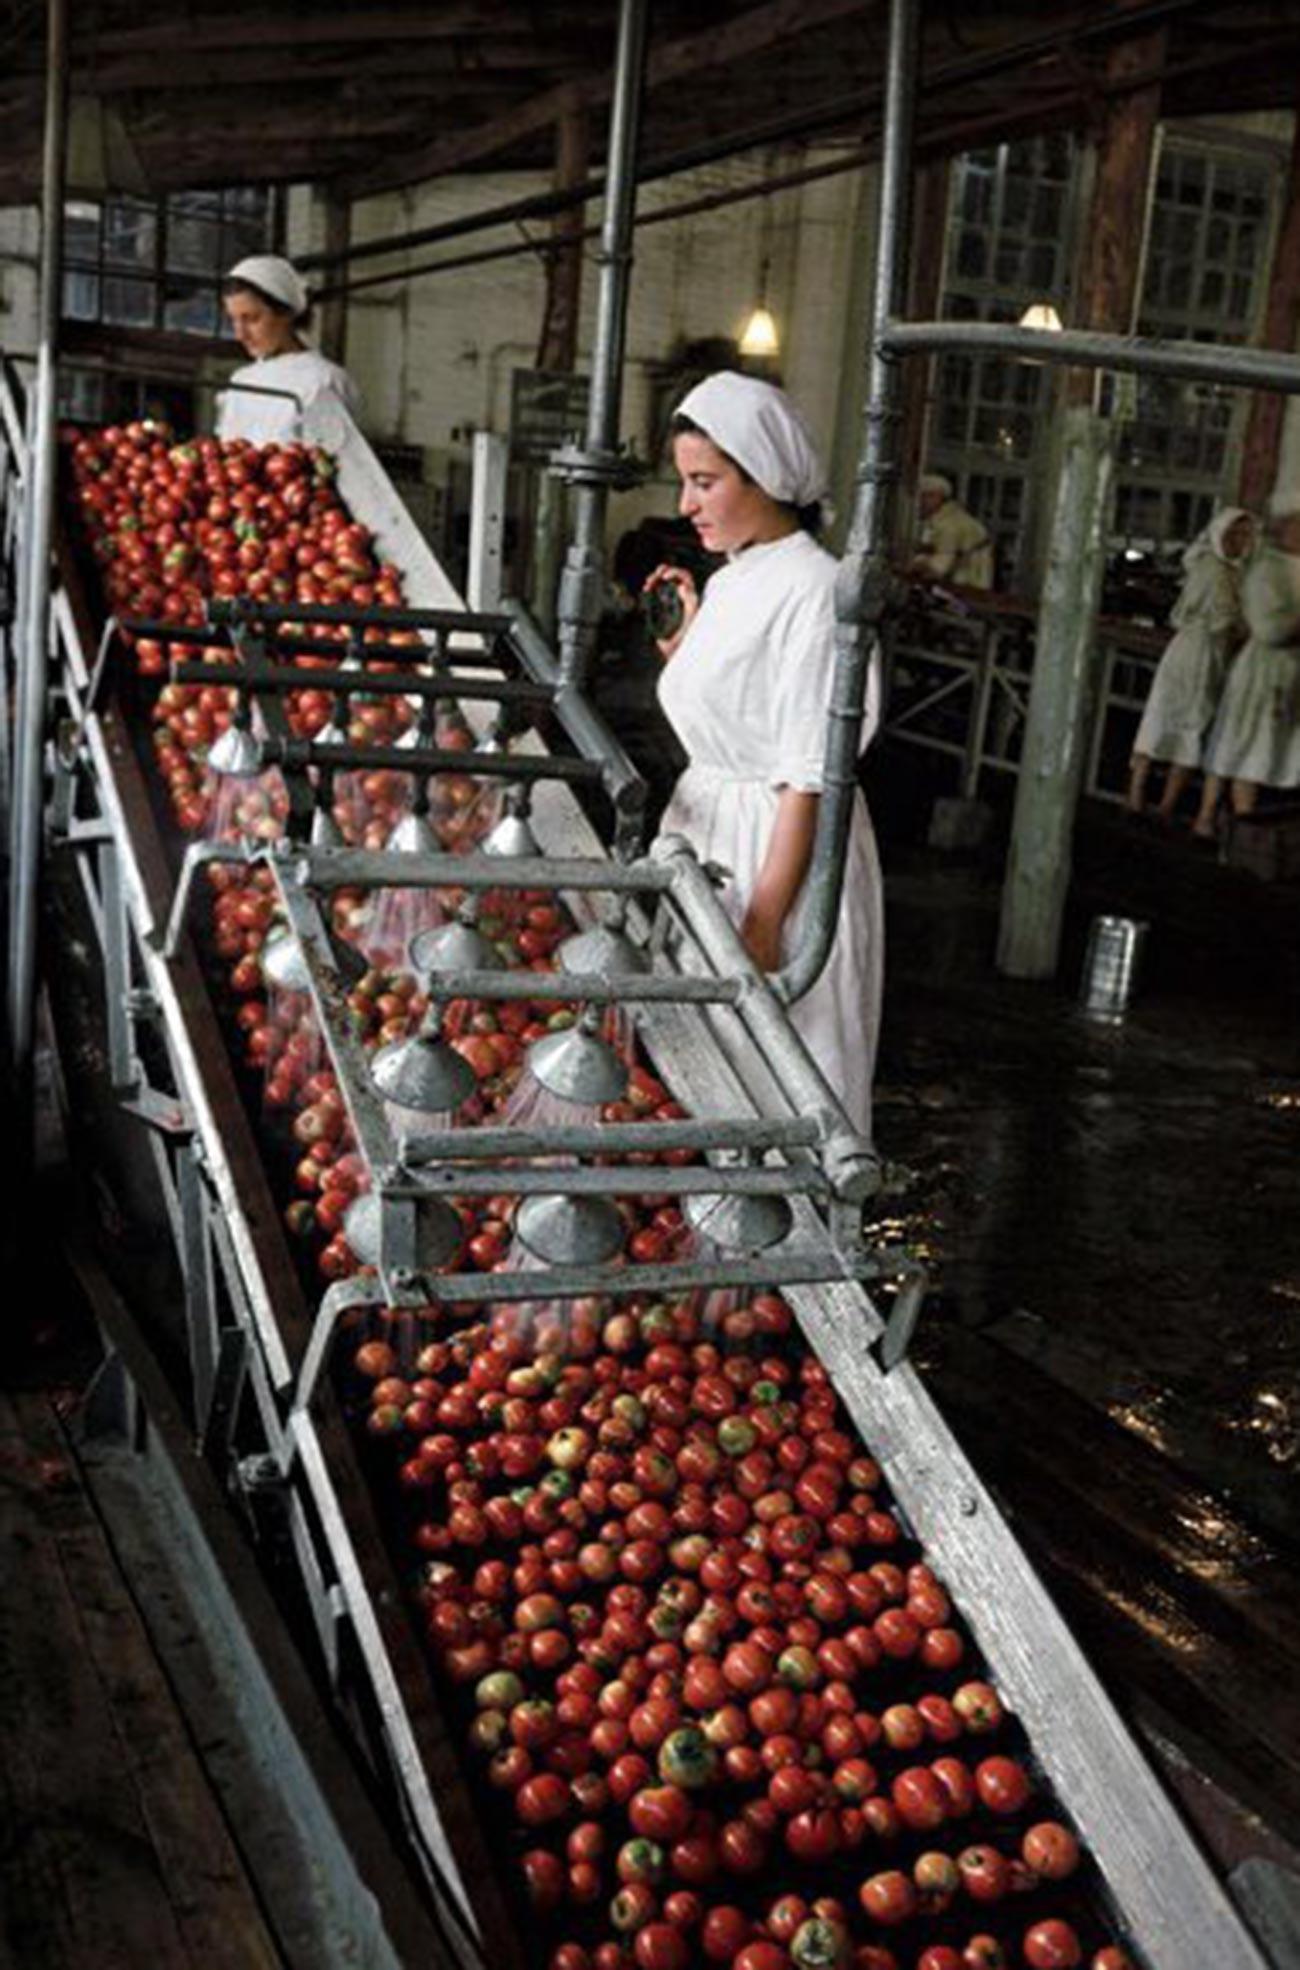 Tomates na fábrica de conservas de Tiráspol, em 1º de maio de 1953